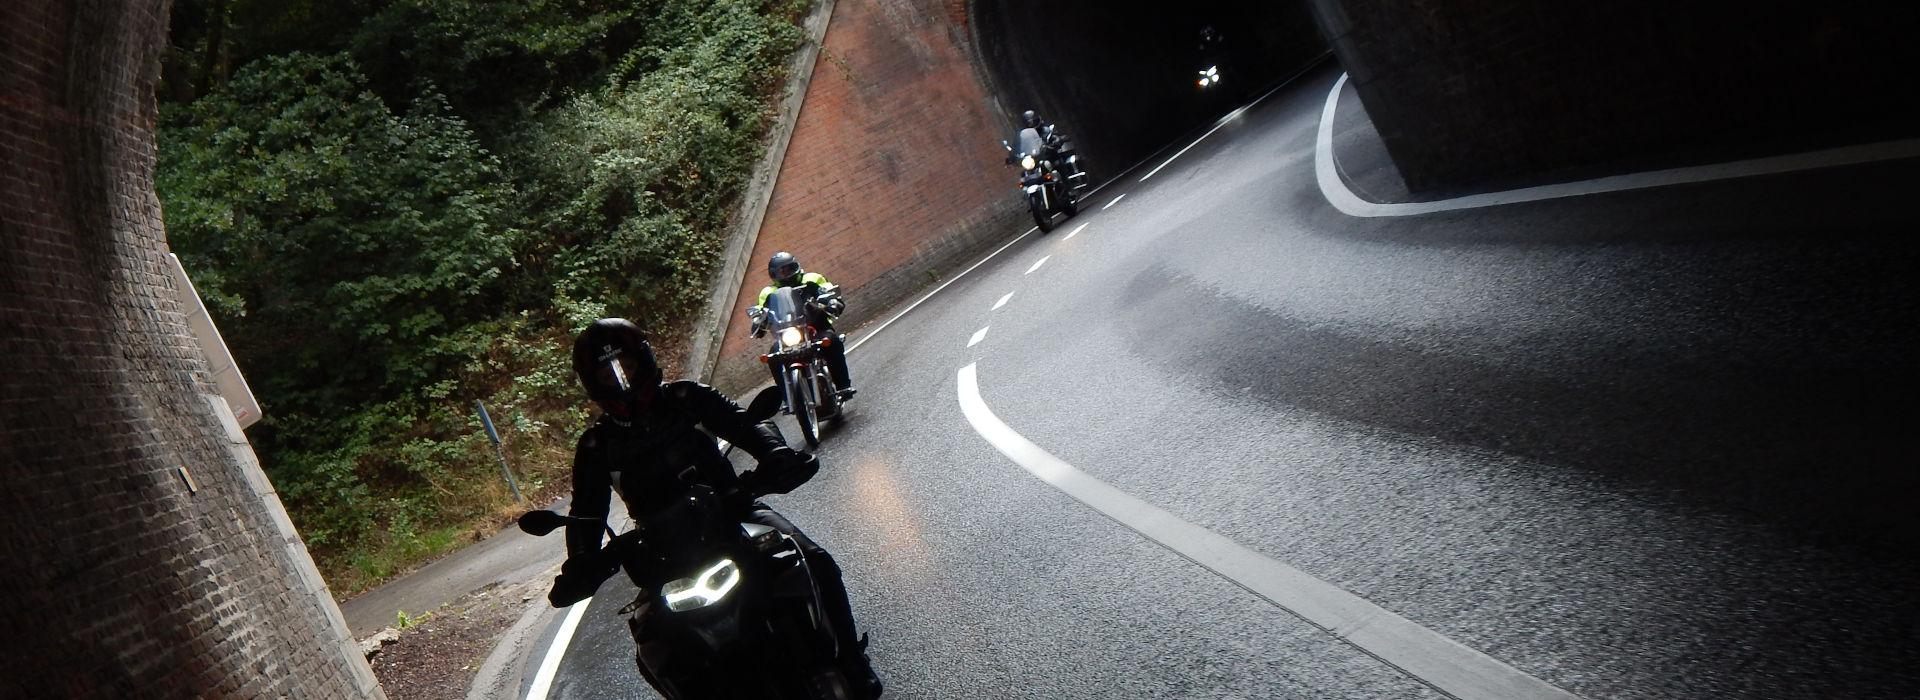 Motorrijbewijspoint Oud-Beijerland motorrijlessen